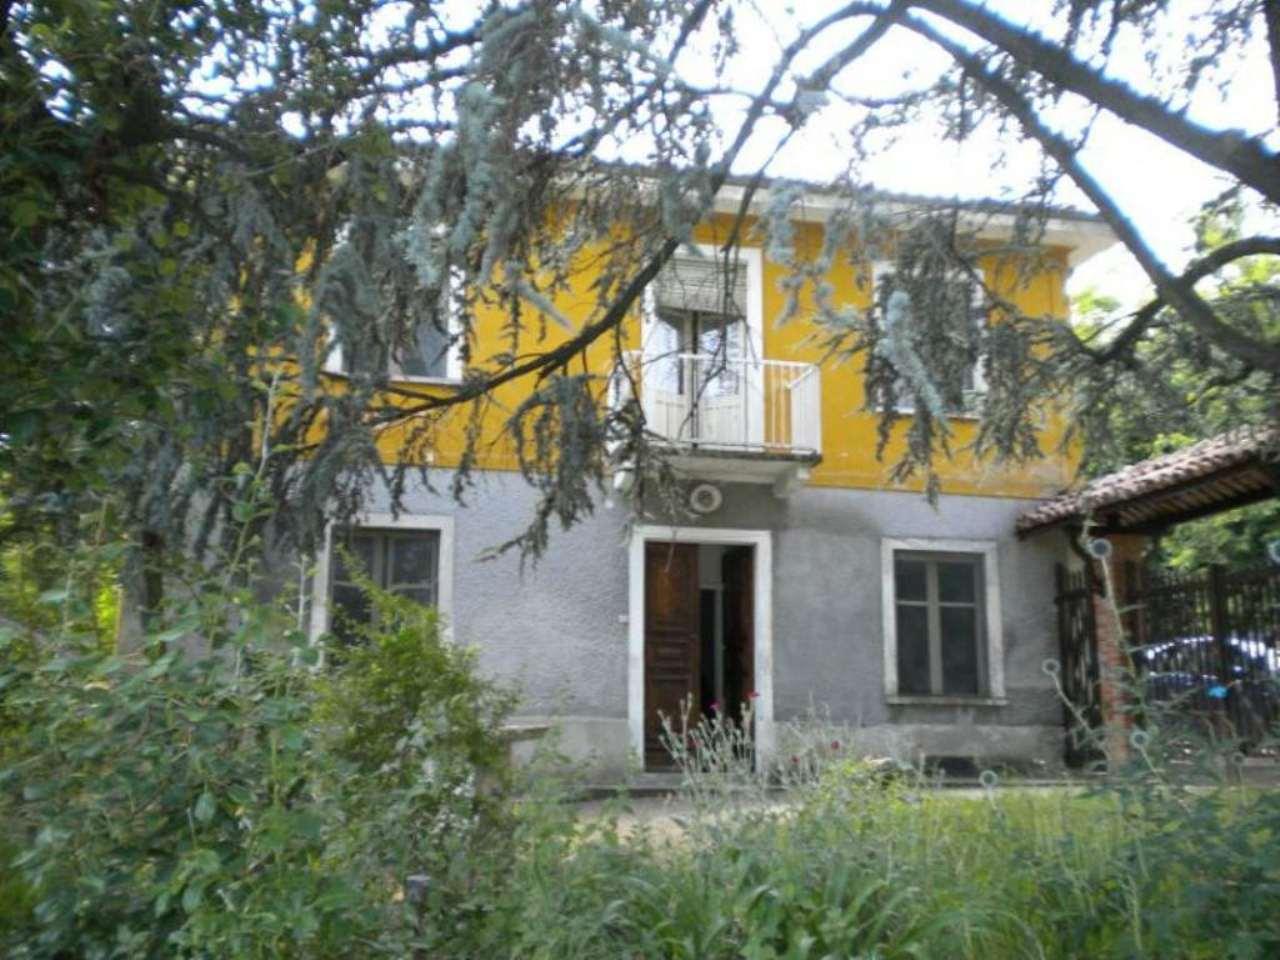 Soluzione Indipendente in vendita a Albugnano, 6 locali, prezzo € 110.000 | CambioCasa.it